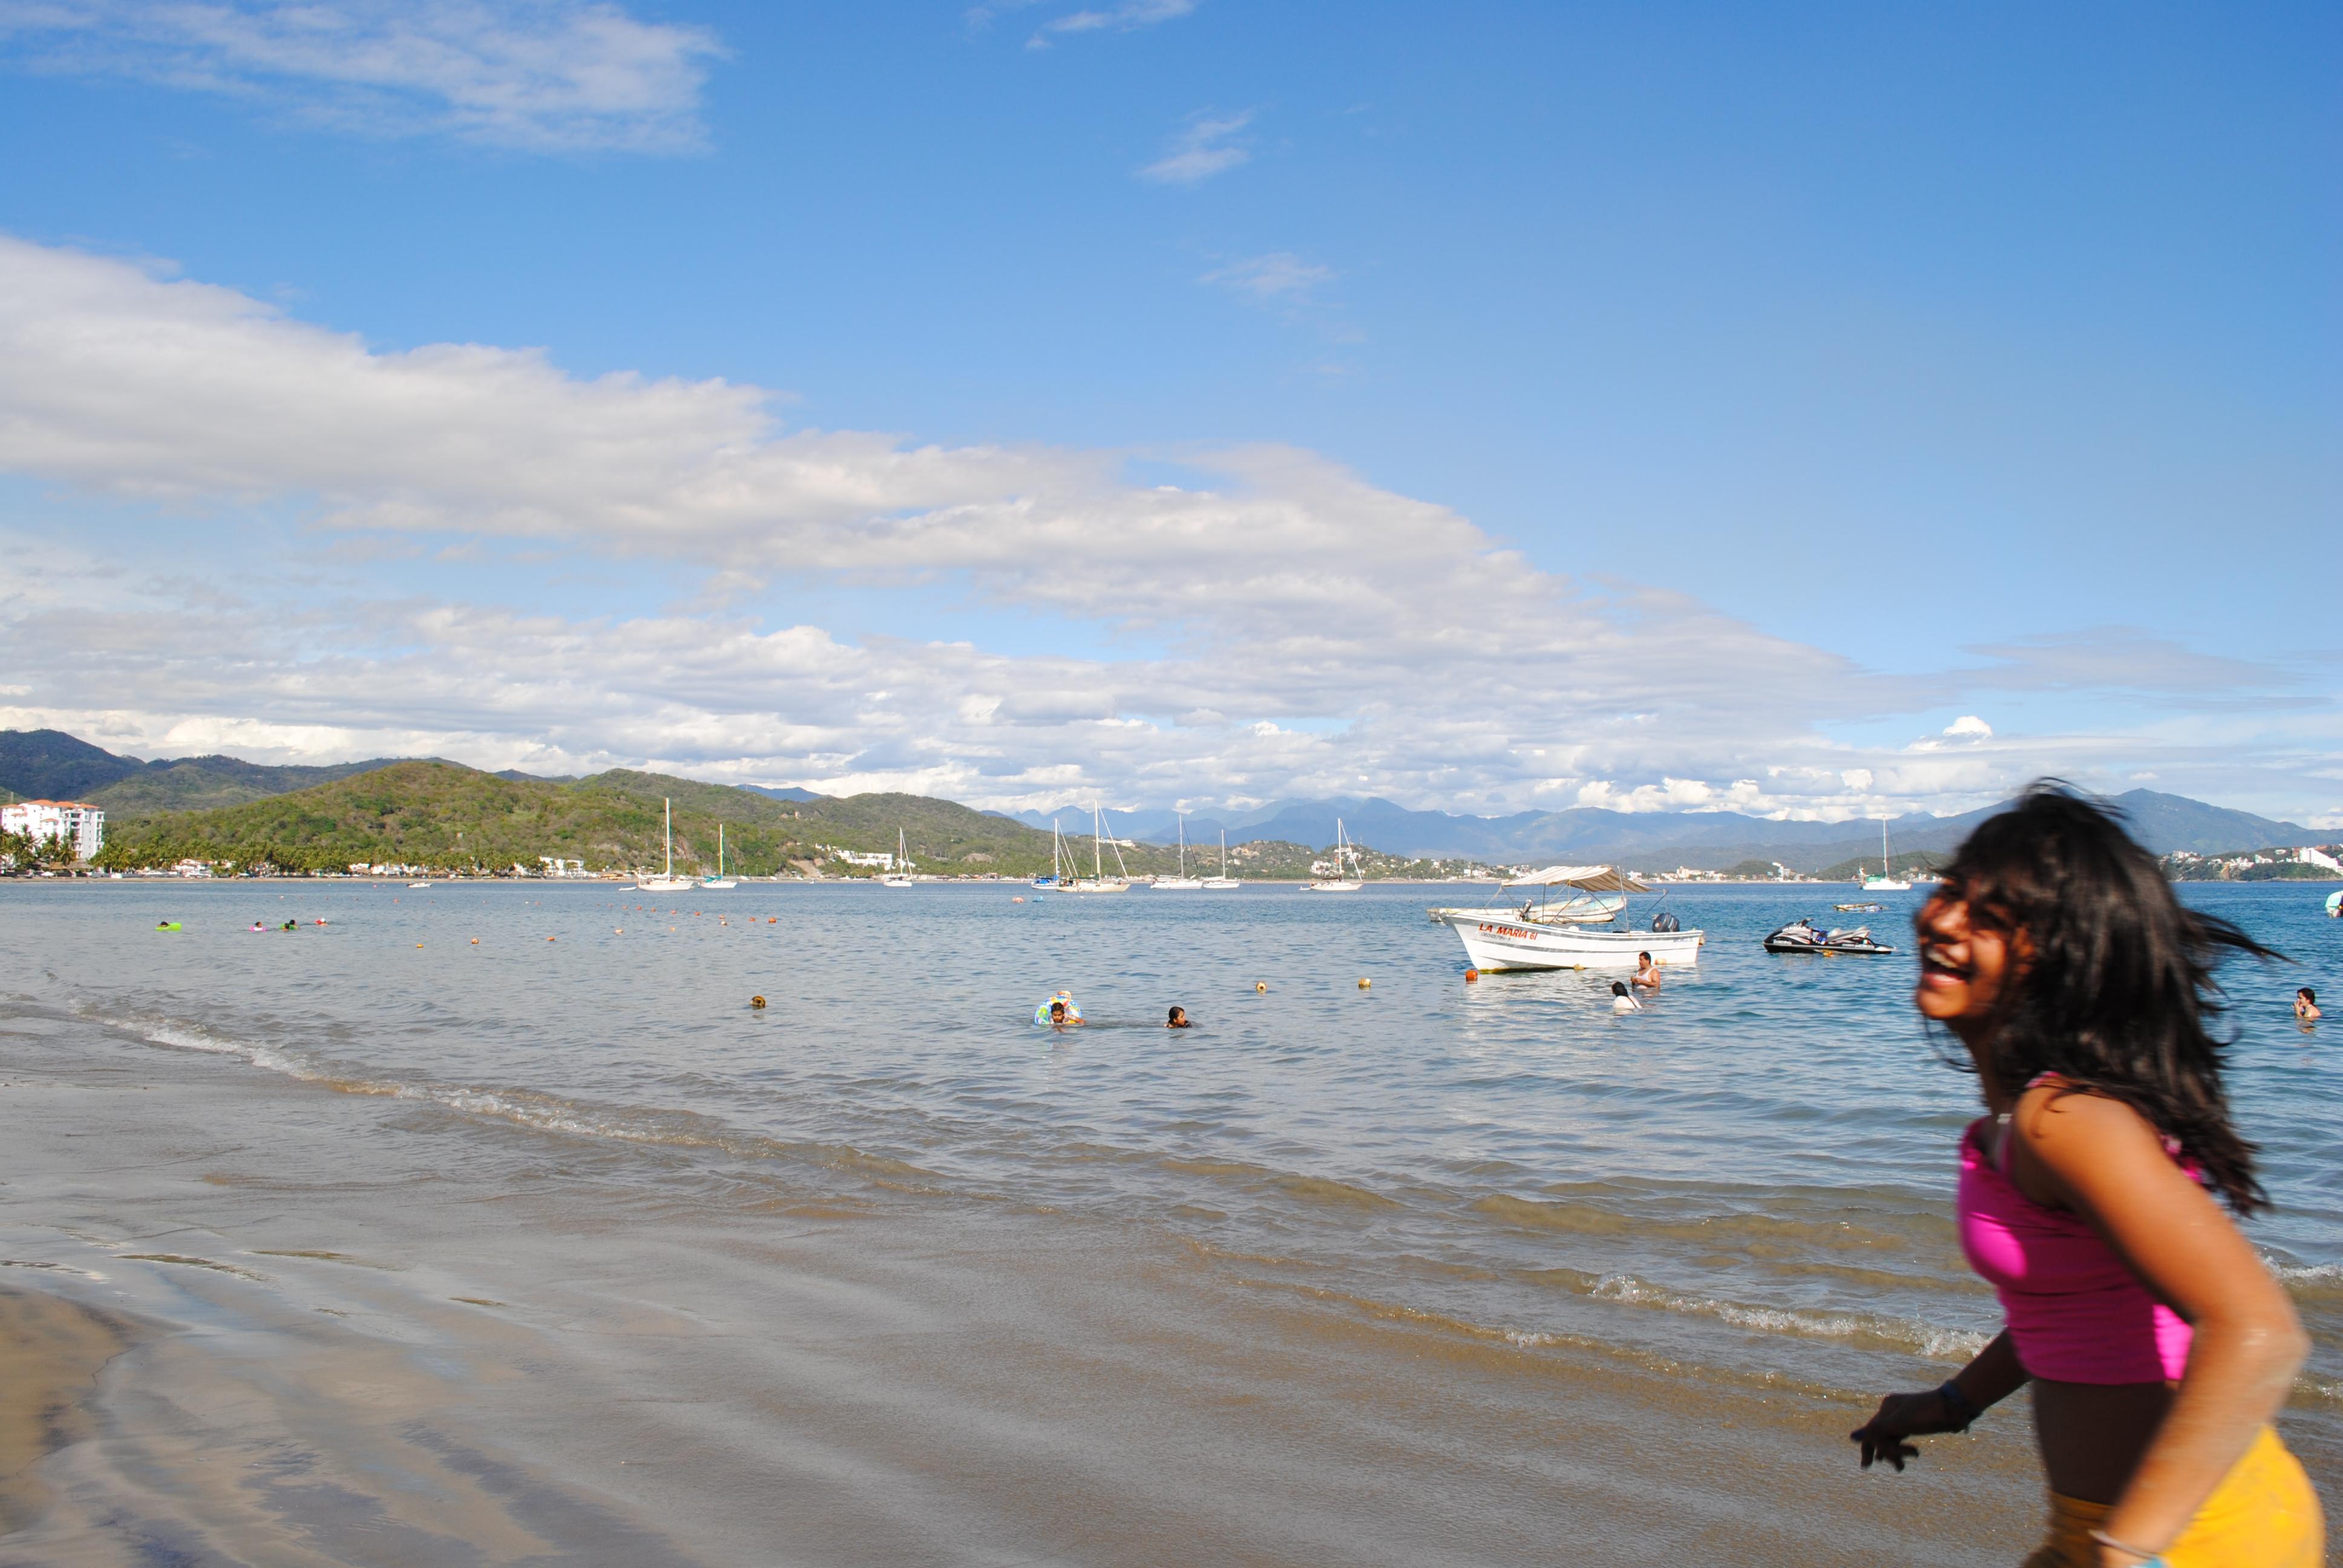 Una chica joven pasea en la playa.